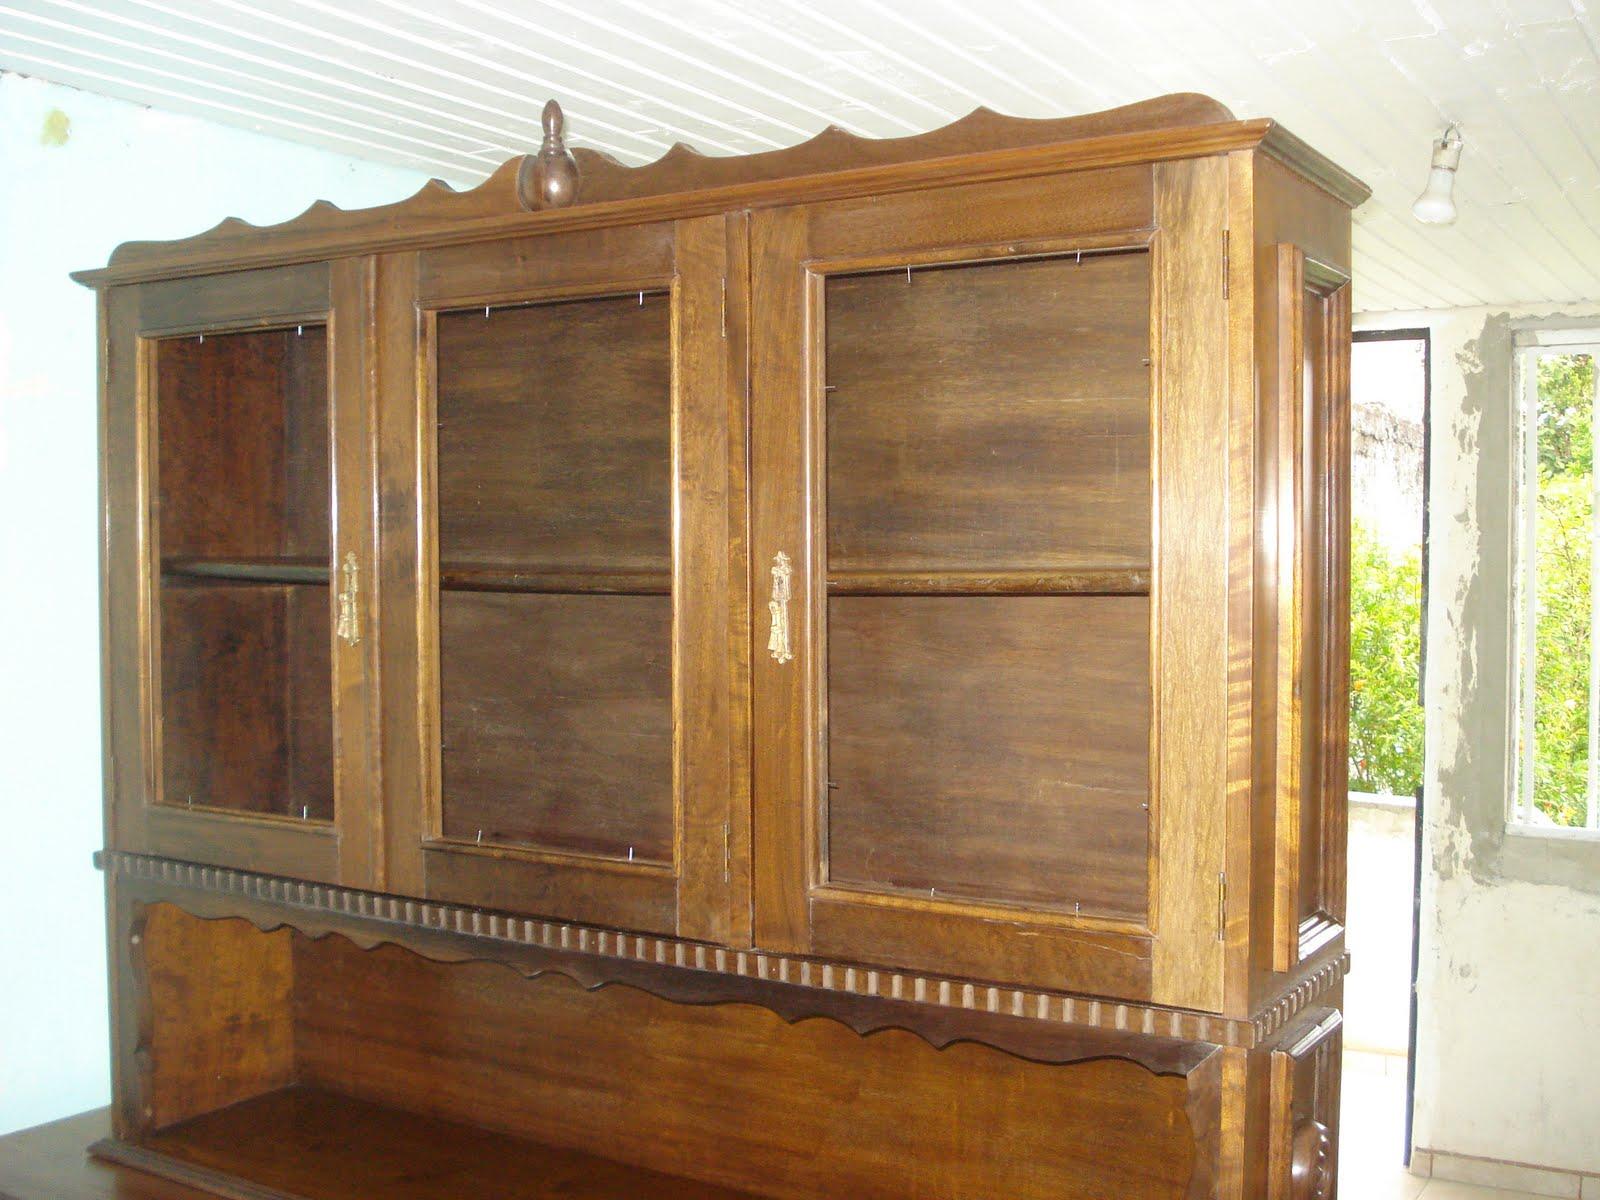 Restauração de Móveis de Época : Arca em Imbuia. #9AA427 1600x1200